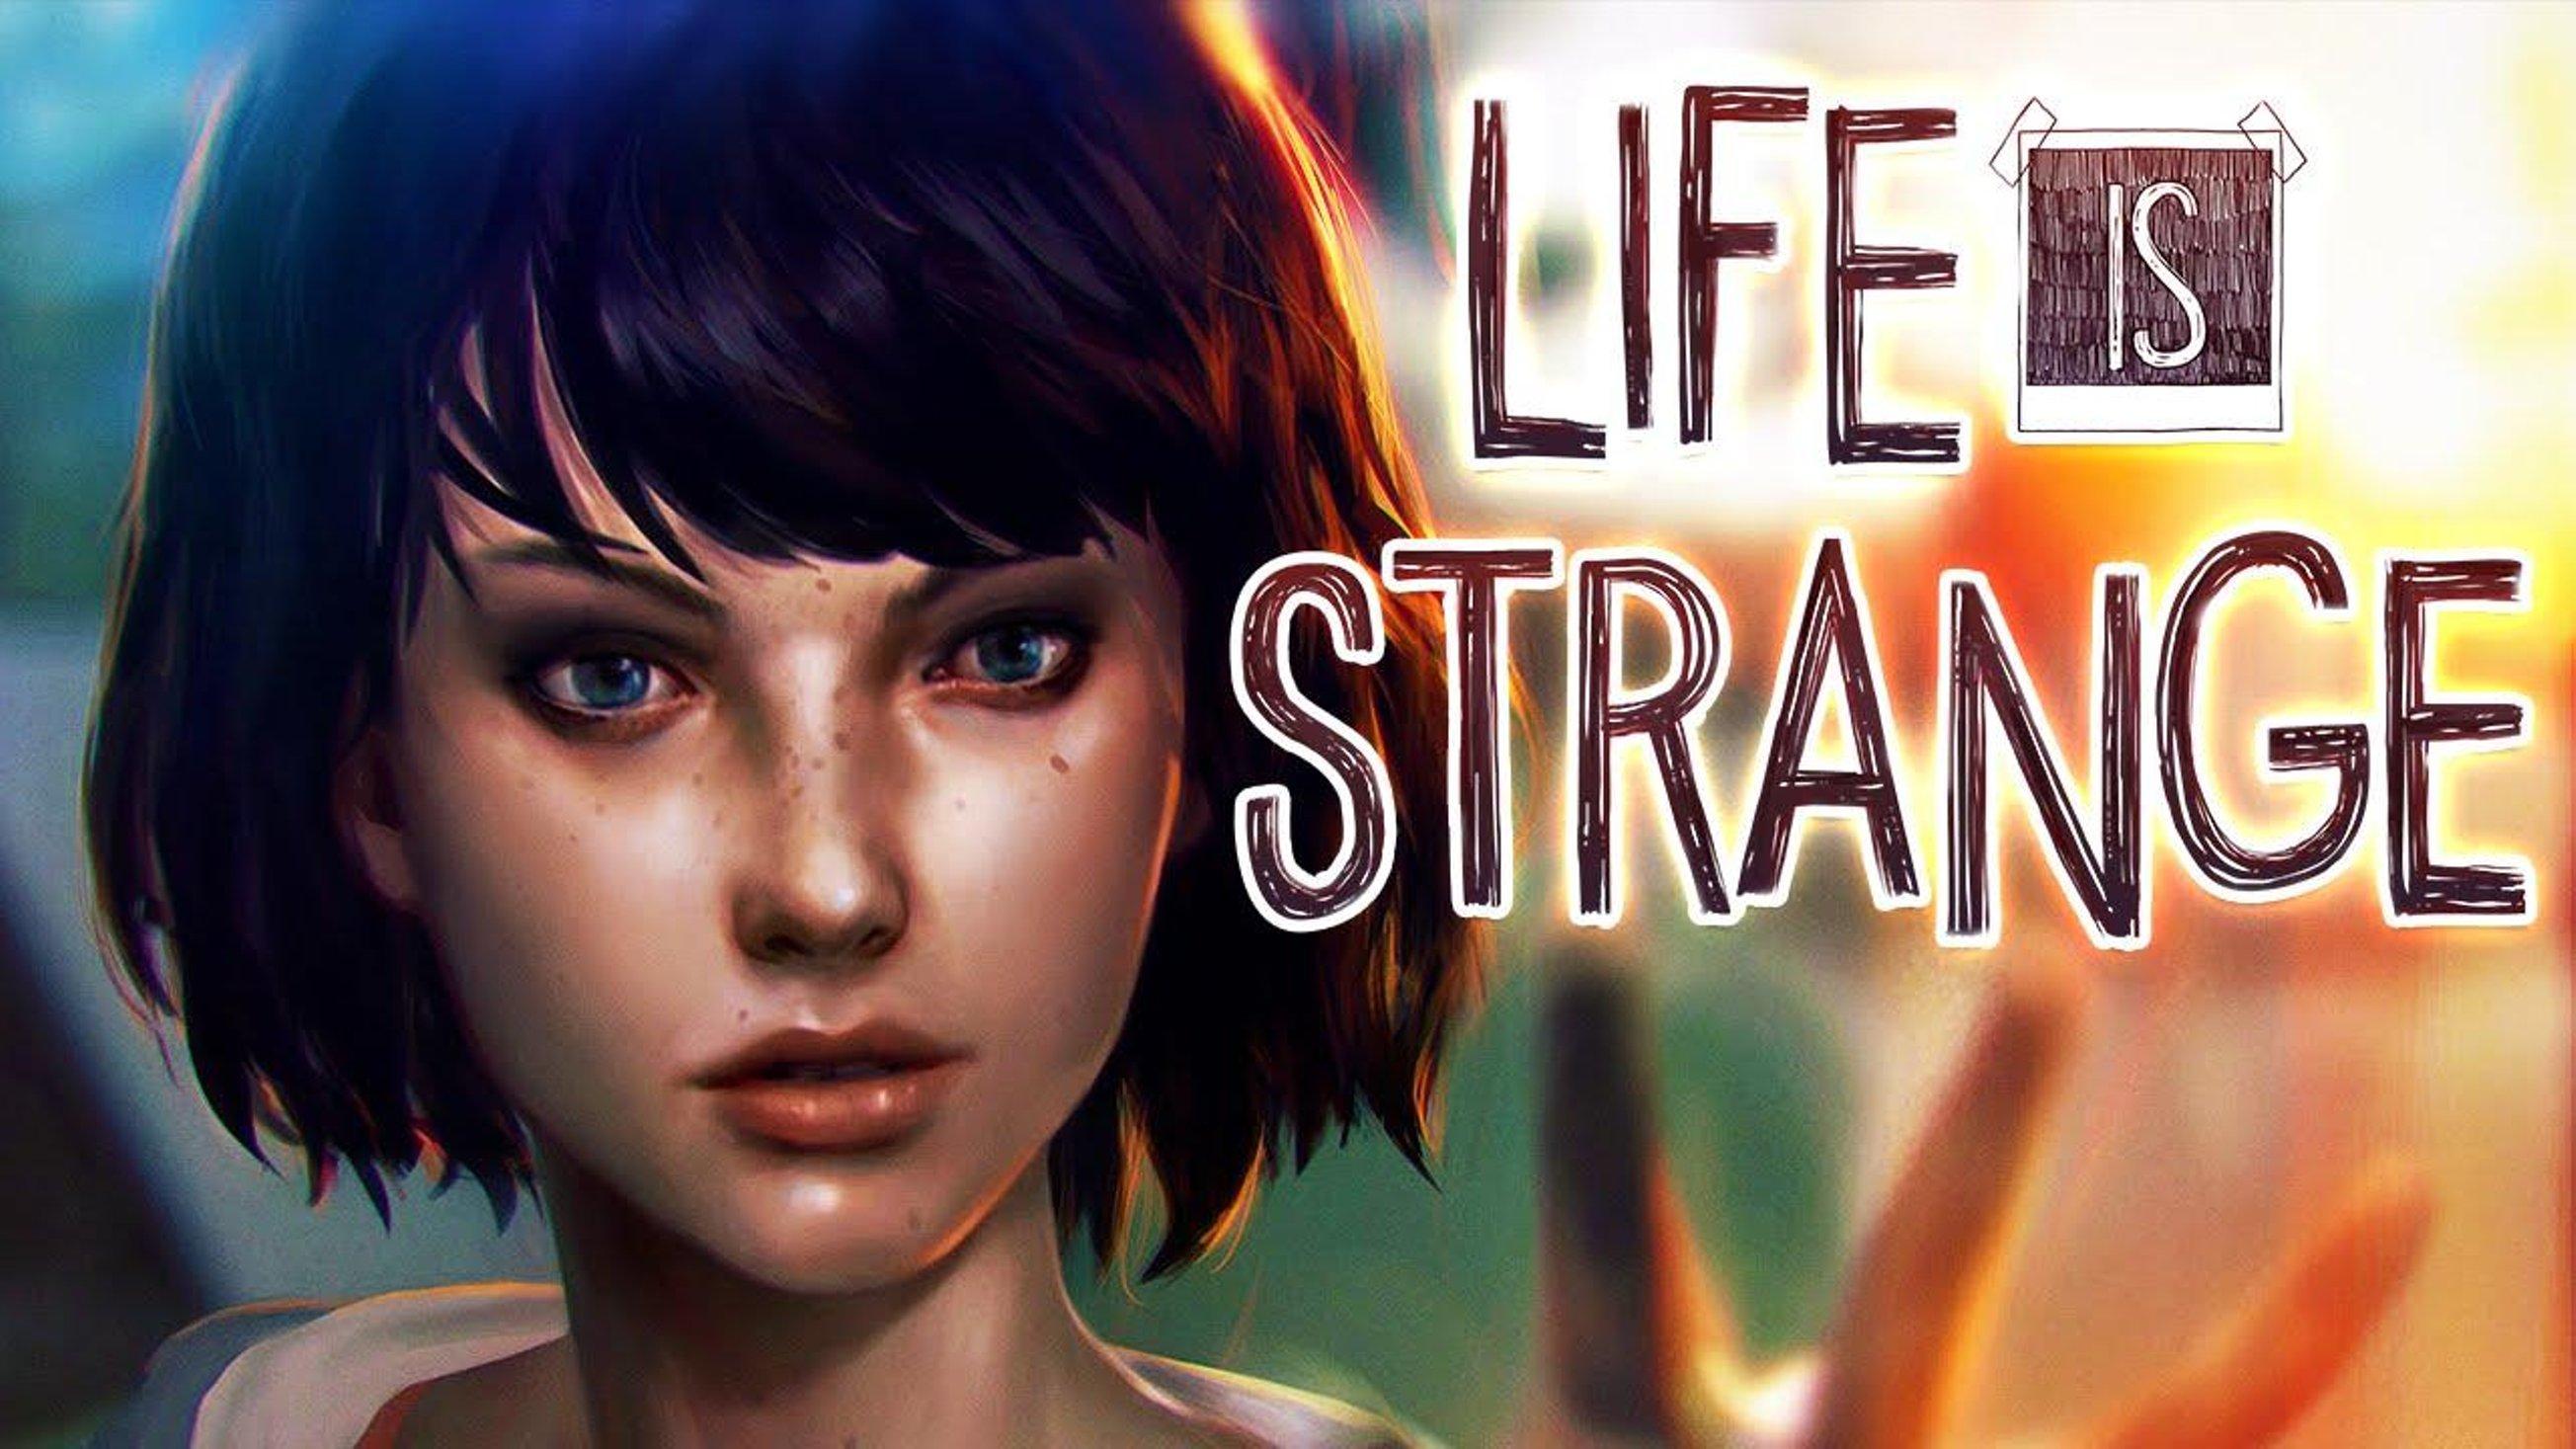 Изображение с Макс Колфилд для статьи об игре Life is Strange